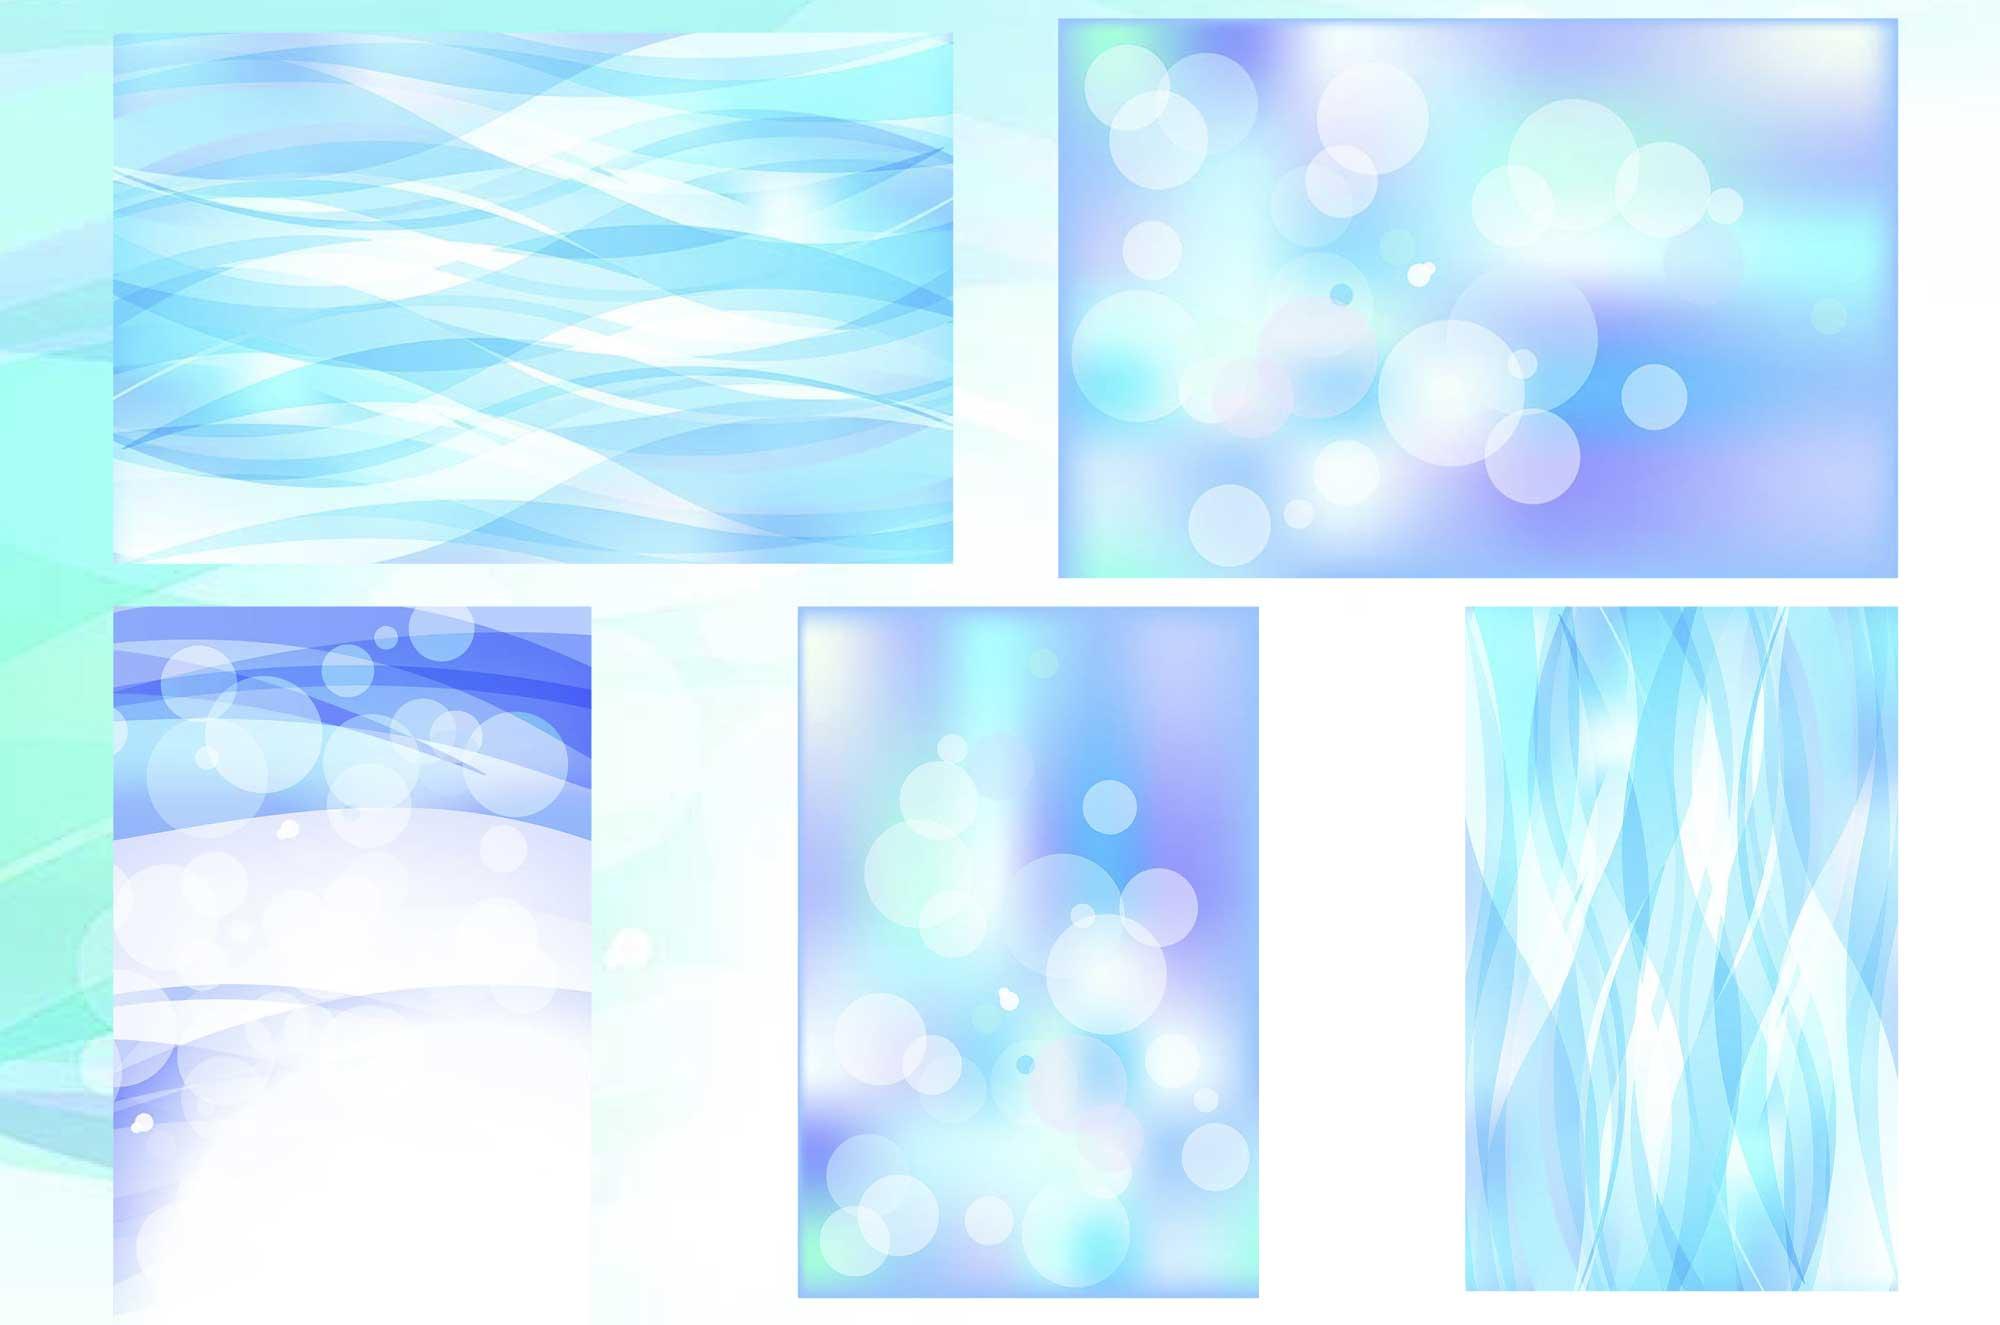 水 背景フリー素材 - ゆらぎの綺麗なイラスト素材